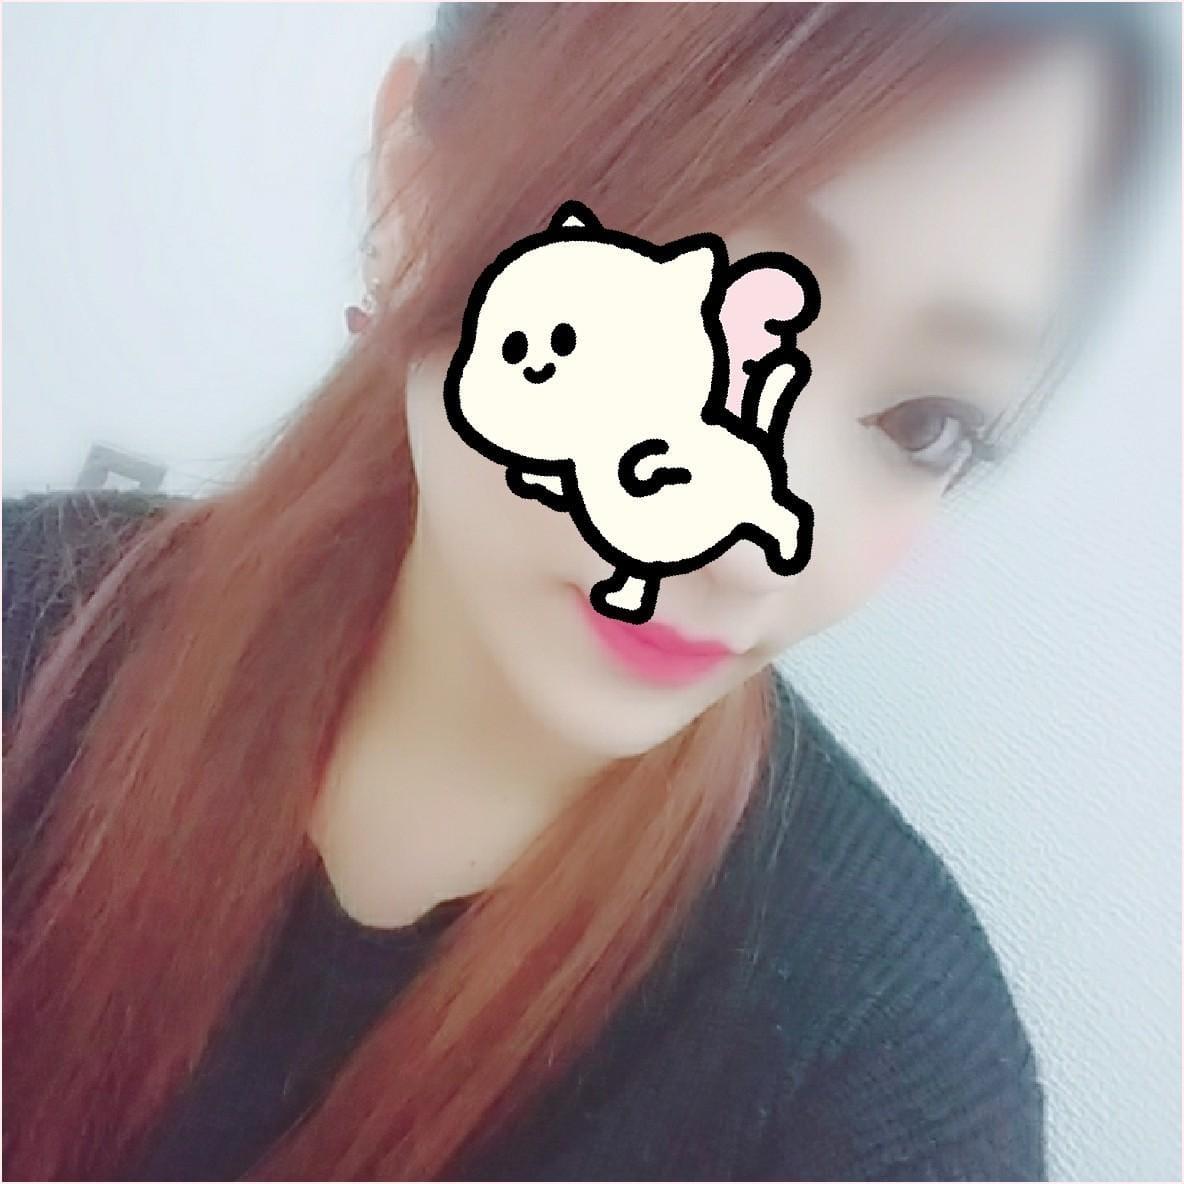 あやか「こんばんは☆」11/19(月) 20:22 | あやかの写メ・風俗動画